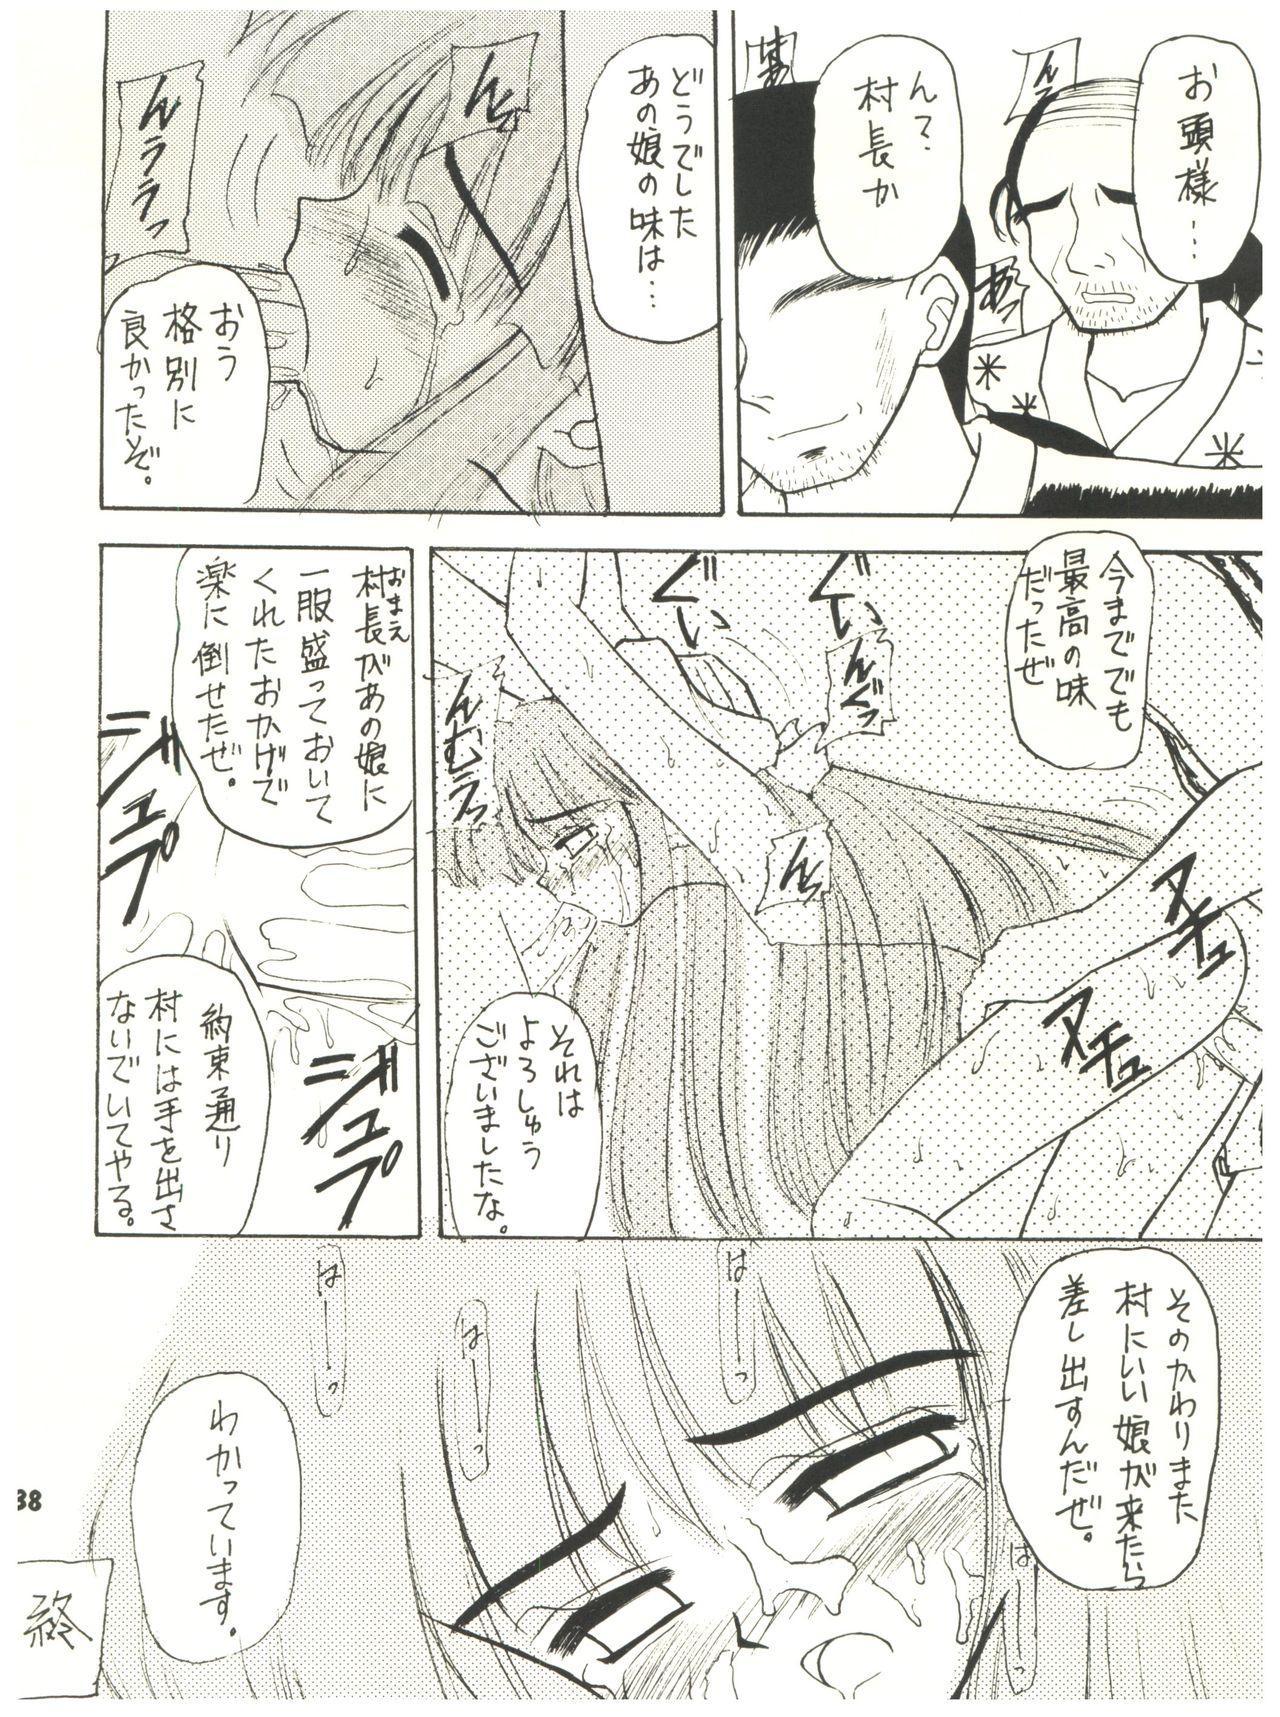 [Sairo Publishing (J. Sairo) En-Jack 2 (Various) 37